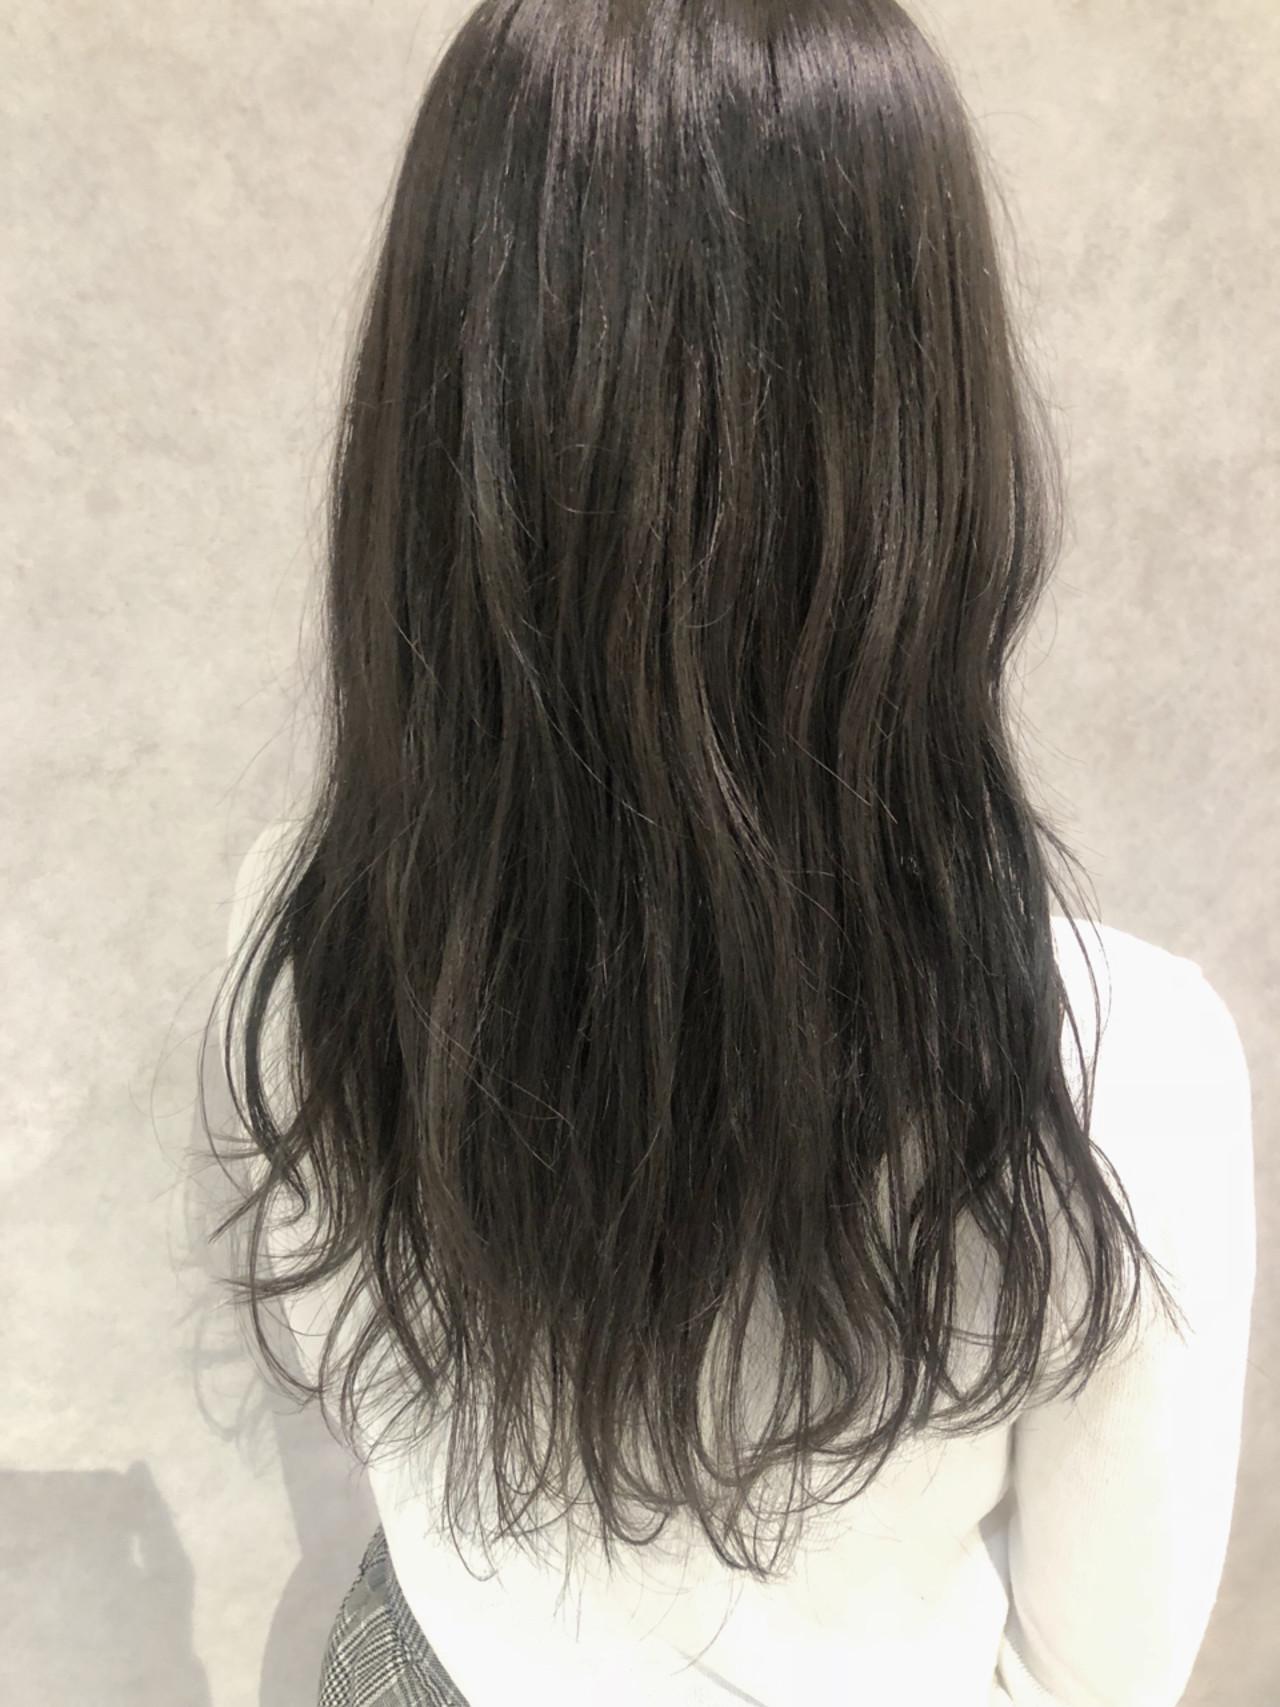 セミロング デート ベージュ 透明感 ヘアスタイルや髪型の写真・画像